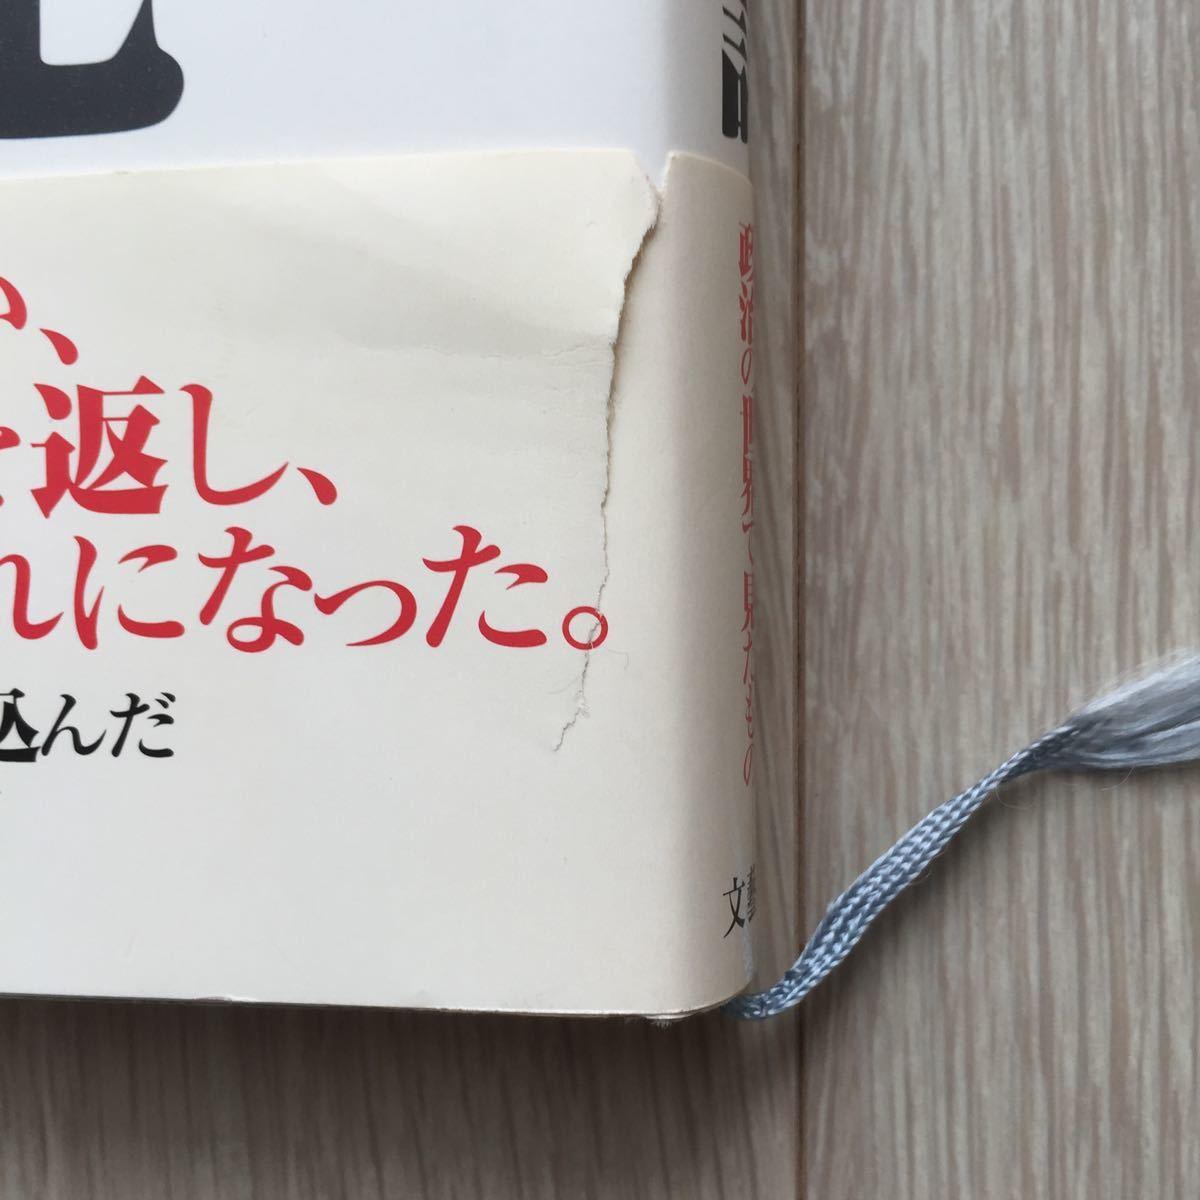 大前研一敗戦記